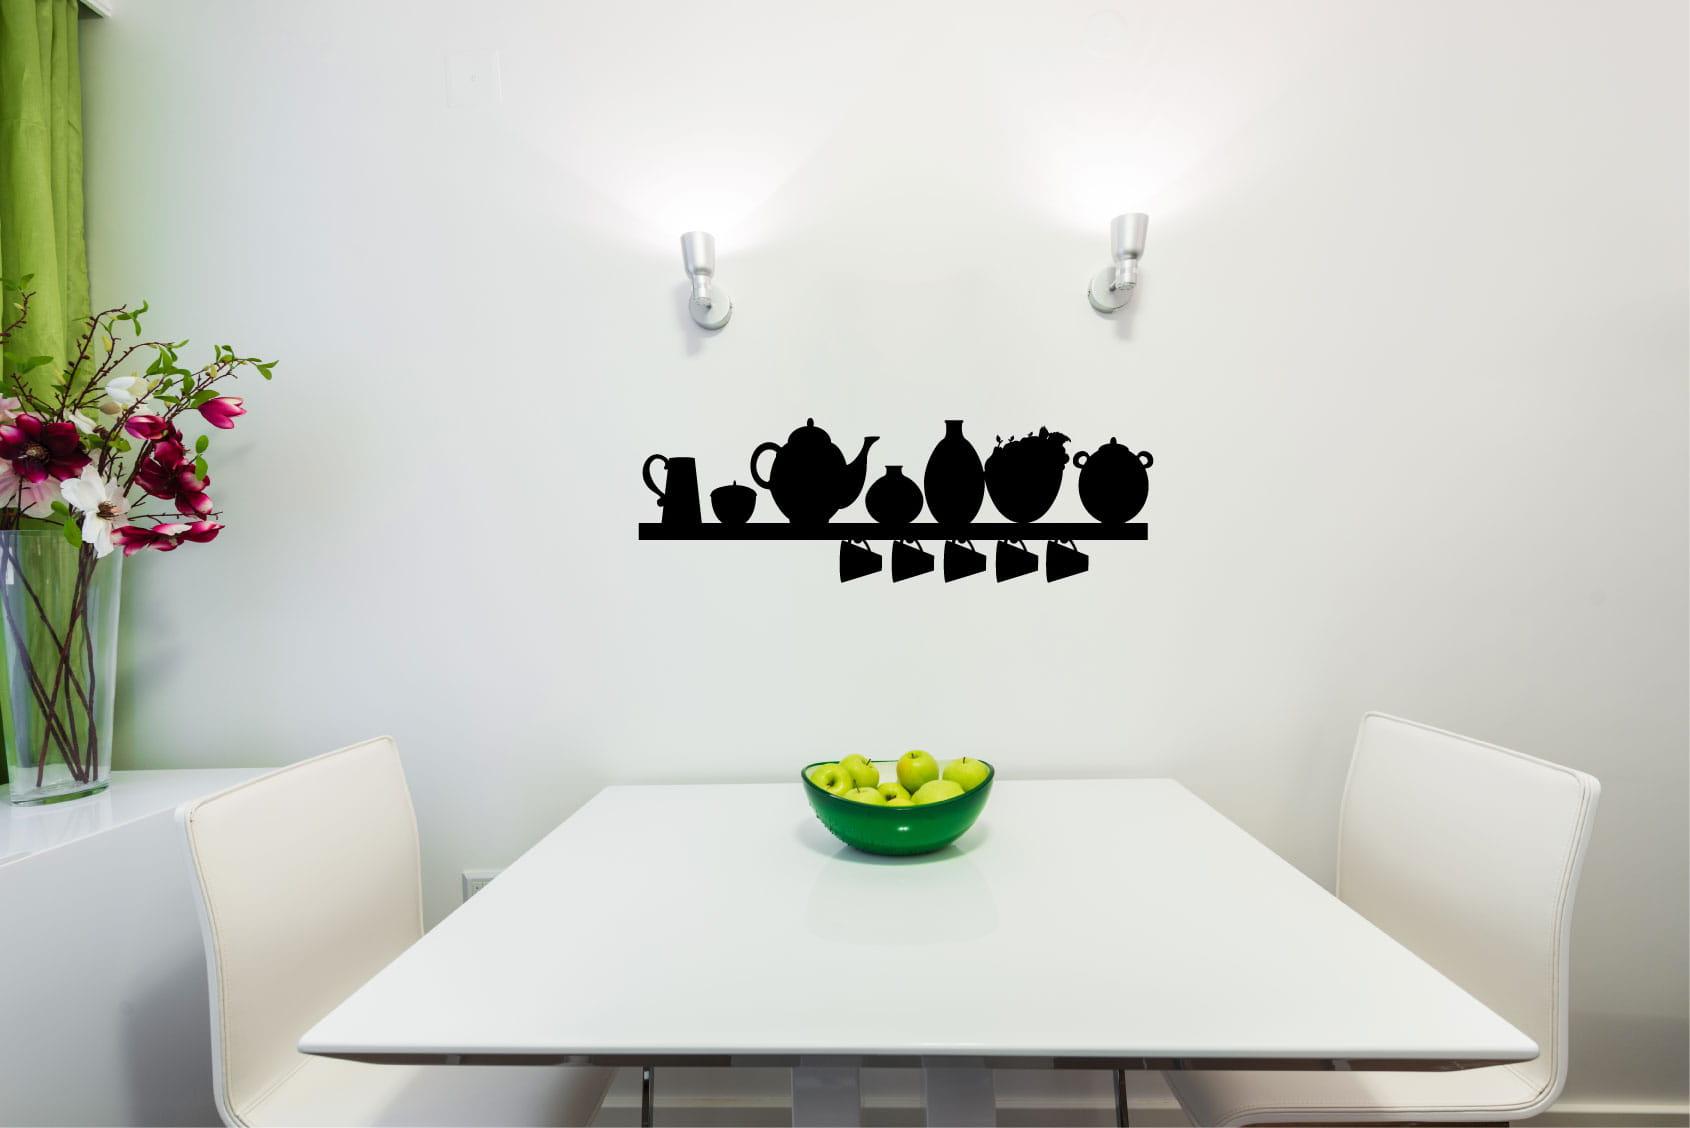 Naklejka Na ścianę Do Kuchni 185 Sklep Z Naklejkami Kuźnia Grafiki